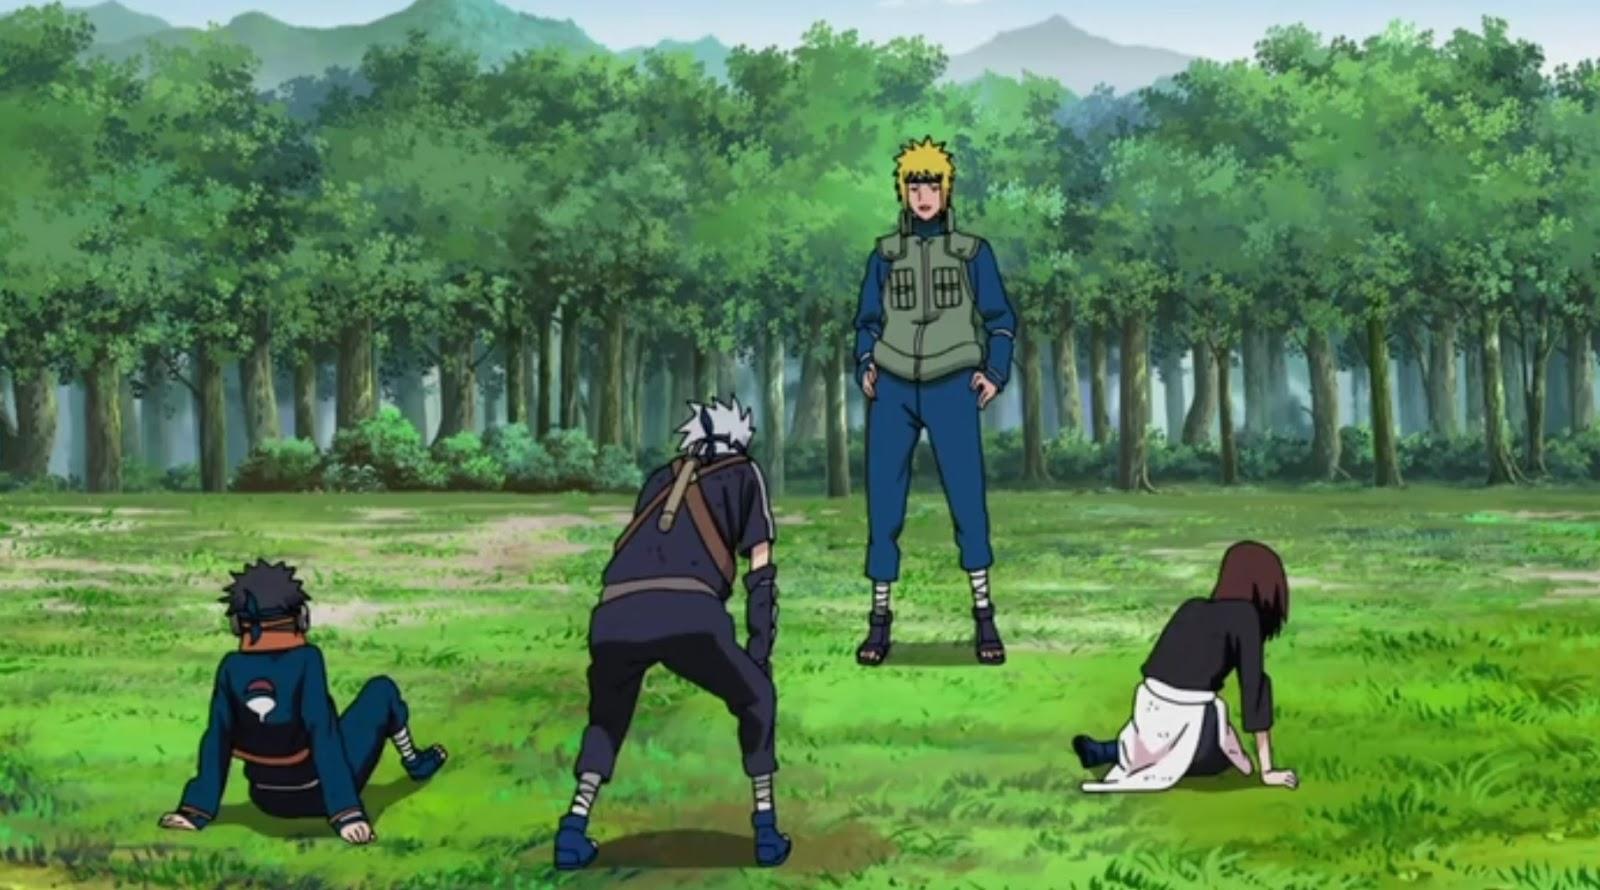 Naruto Shippuden Episódio 416, Assistir Naruto Shippuden Episódio 416, Assistir Naruto Shippuden Todos os Episódios Legendado, Naruto Shippuden episódio 416,HD